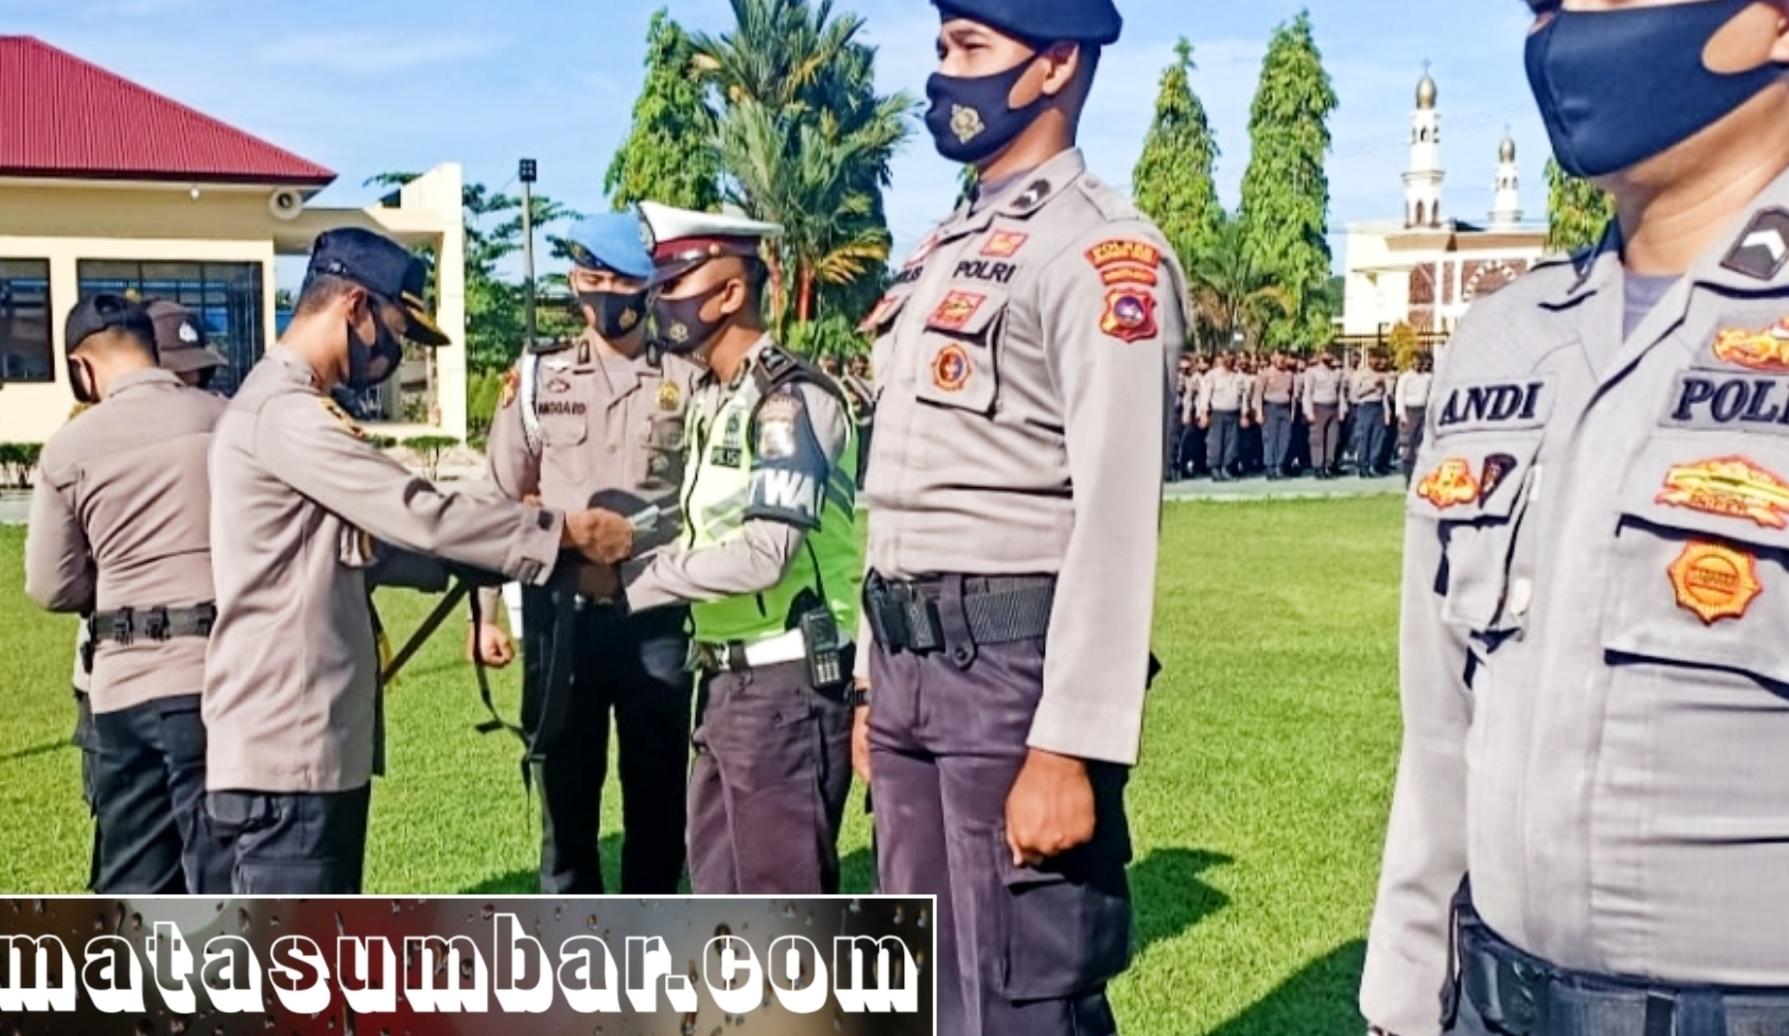 Pengamanan Pilkada Serentak, Polres Pasbar Lakukan Pergeseran Pasukan